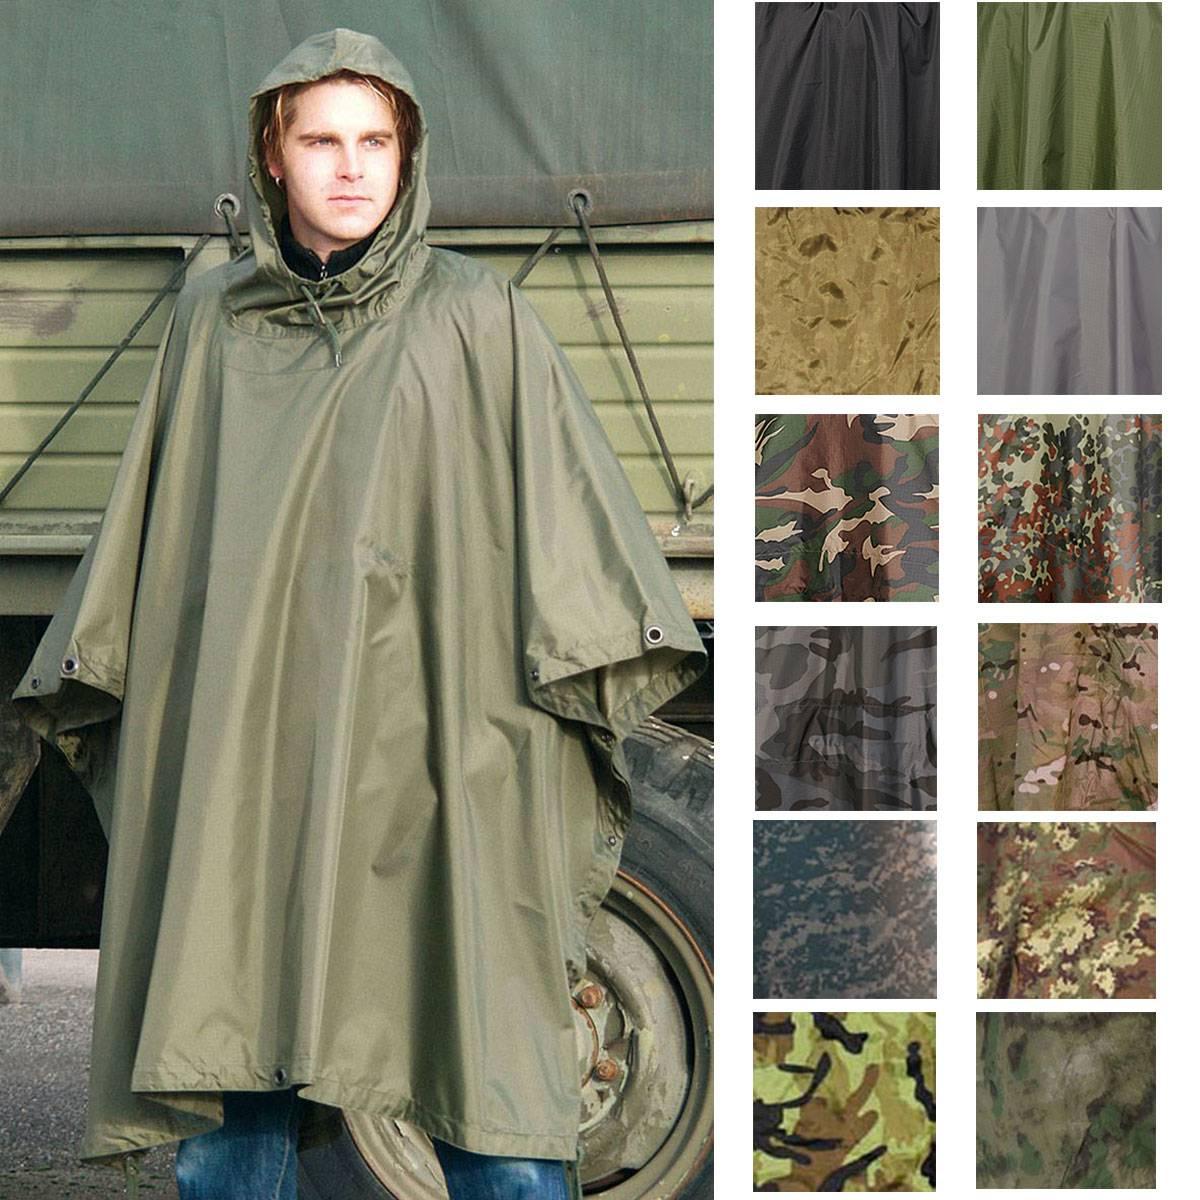 US Poncho Ripstop Regenponcho Regenbekleidung Regenschutz mit Kapuze woodland